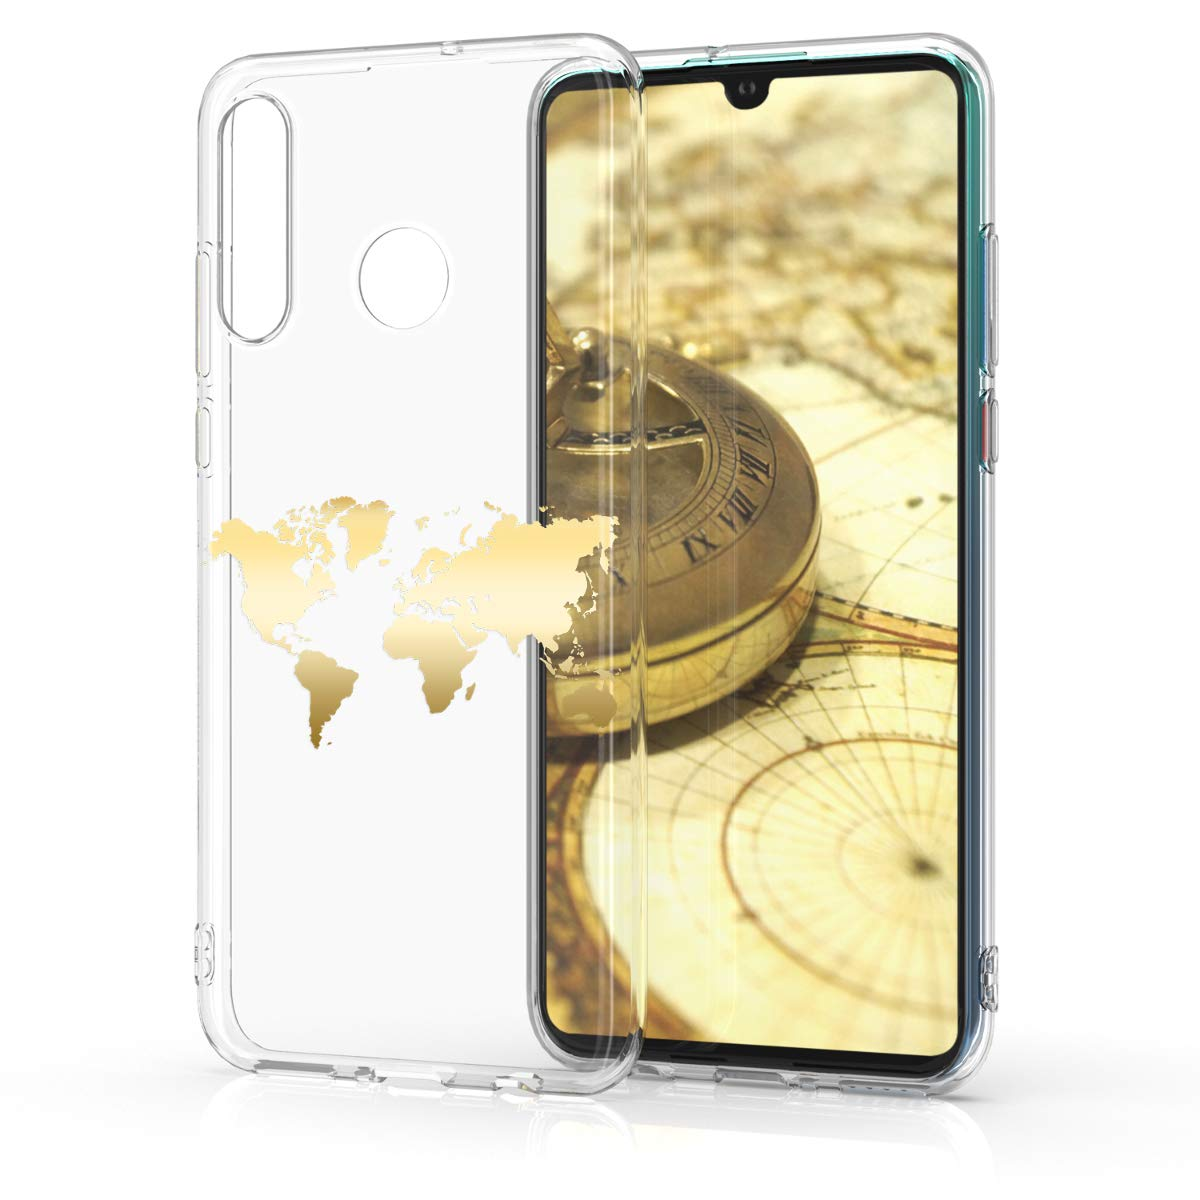 Housse de t/él/éphone en Silicone Blanc-Transparent kwmobile Coque Huawei P30 Lite Coque pour Huawei P30 Lite